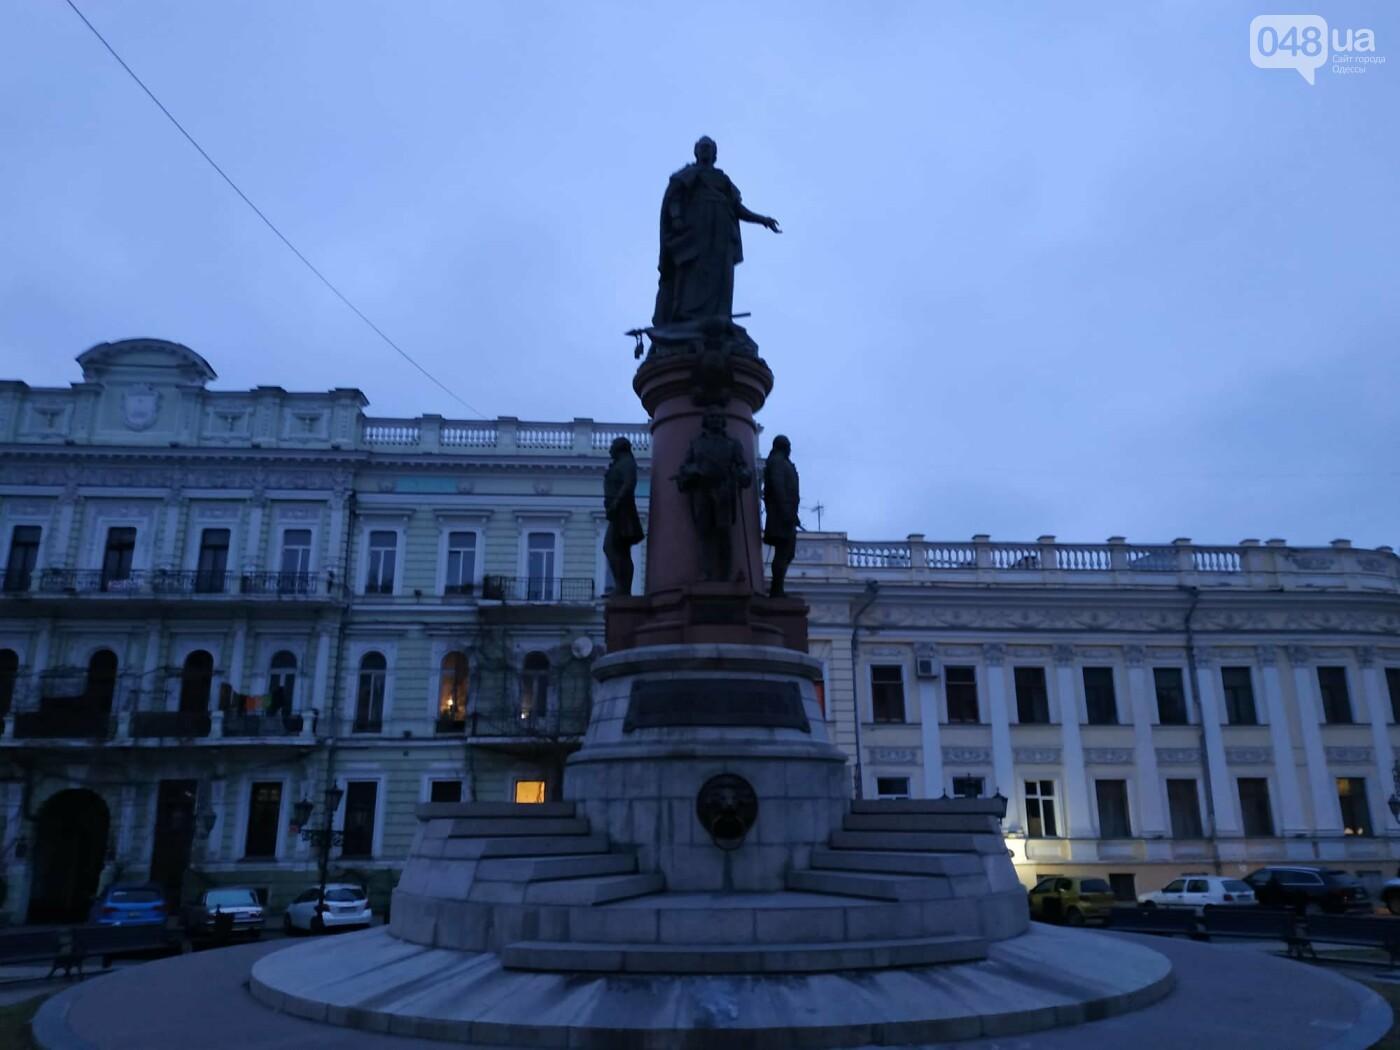 В Одессе умыли императрицу Екатерину, - ФОТО, фото-2